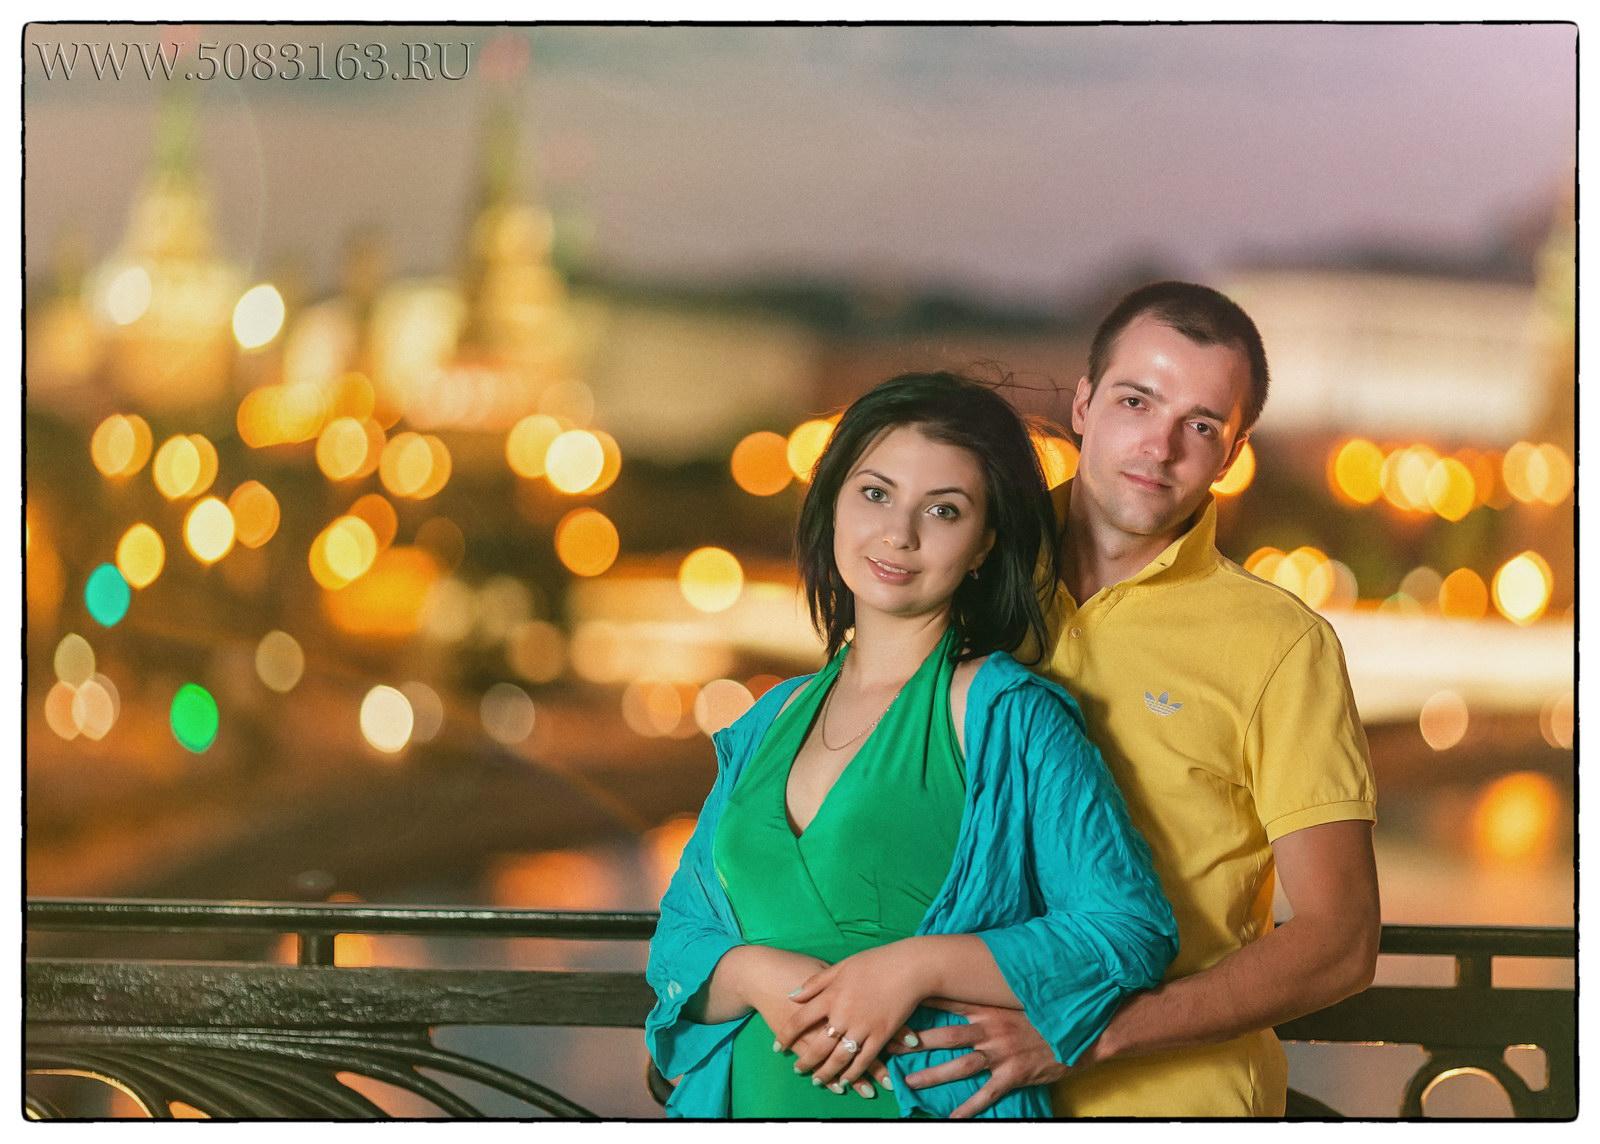 IMG_3048-www_5083163_ru